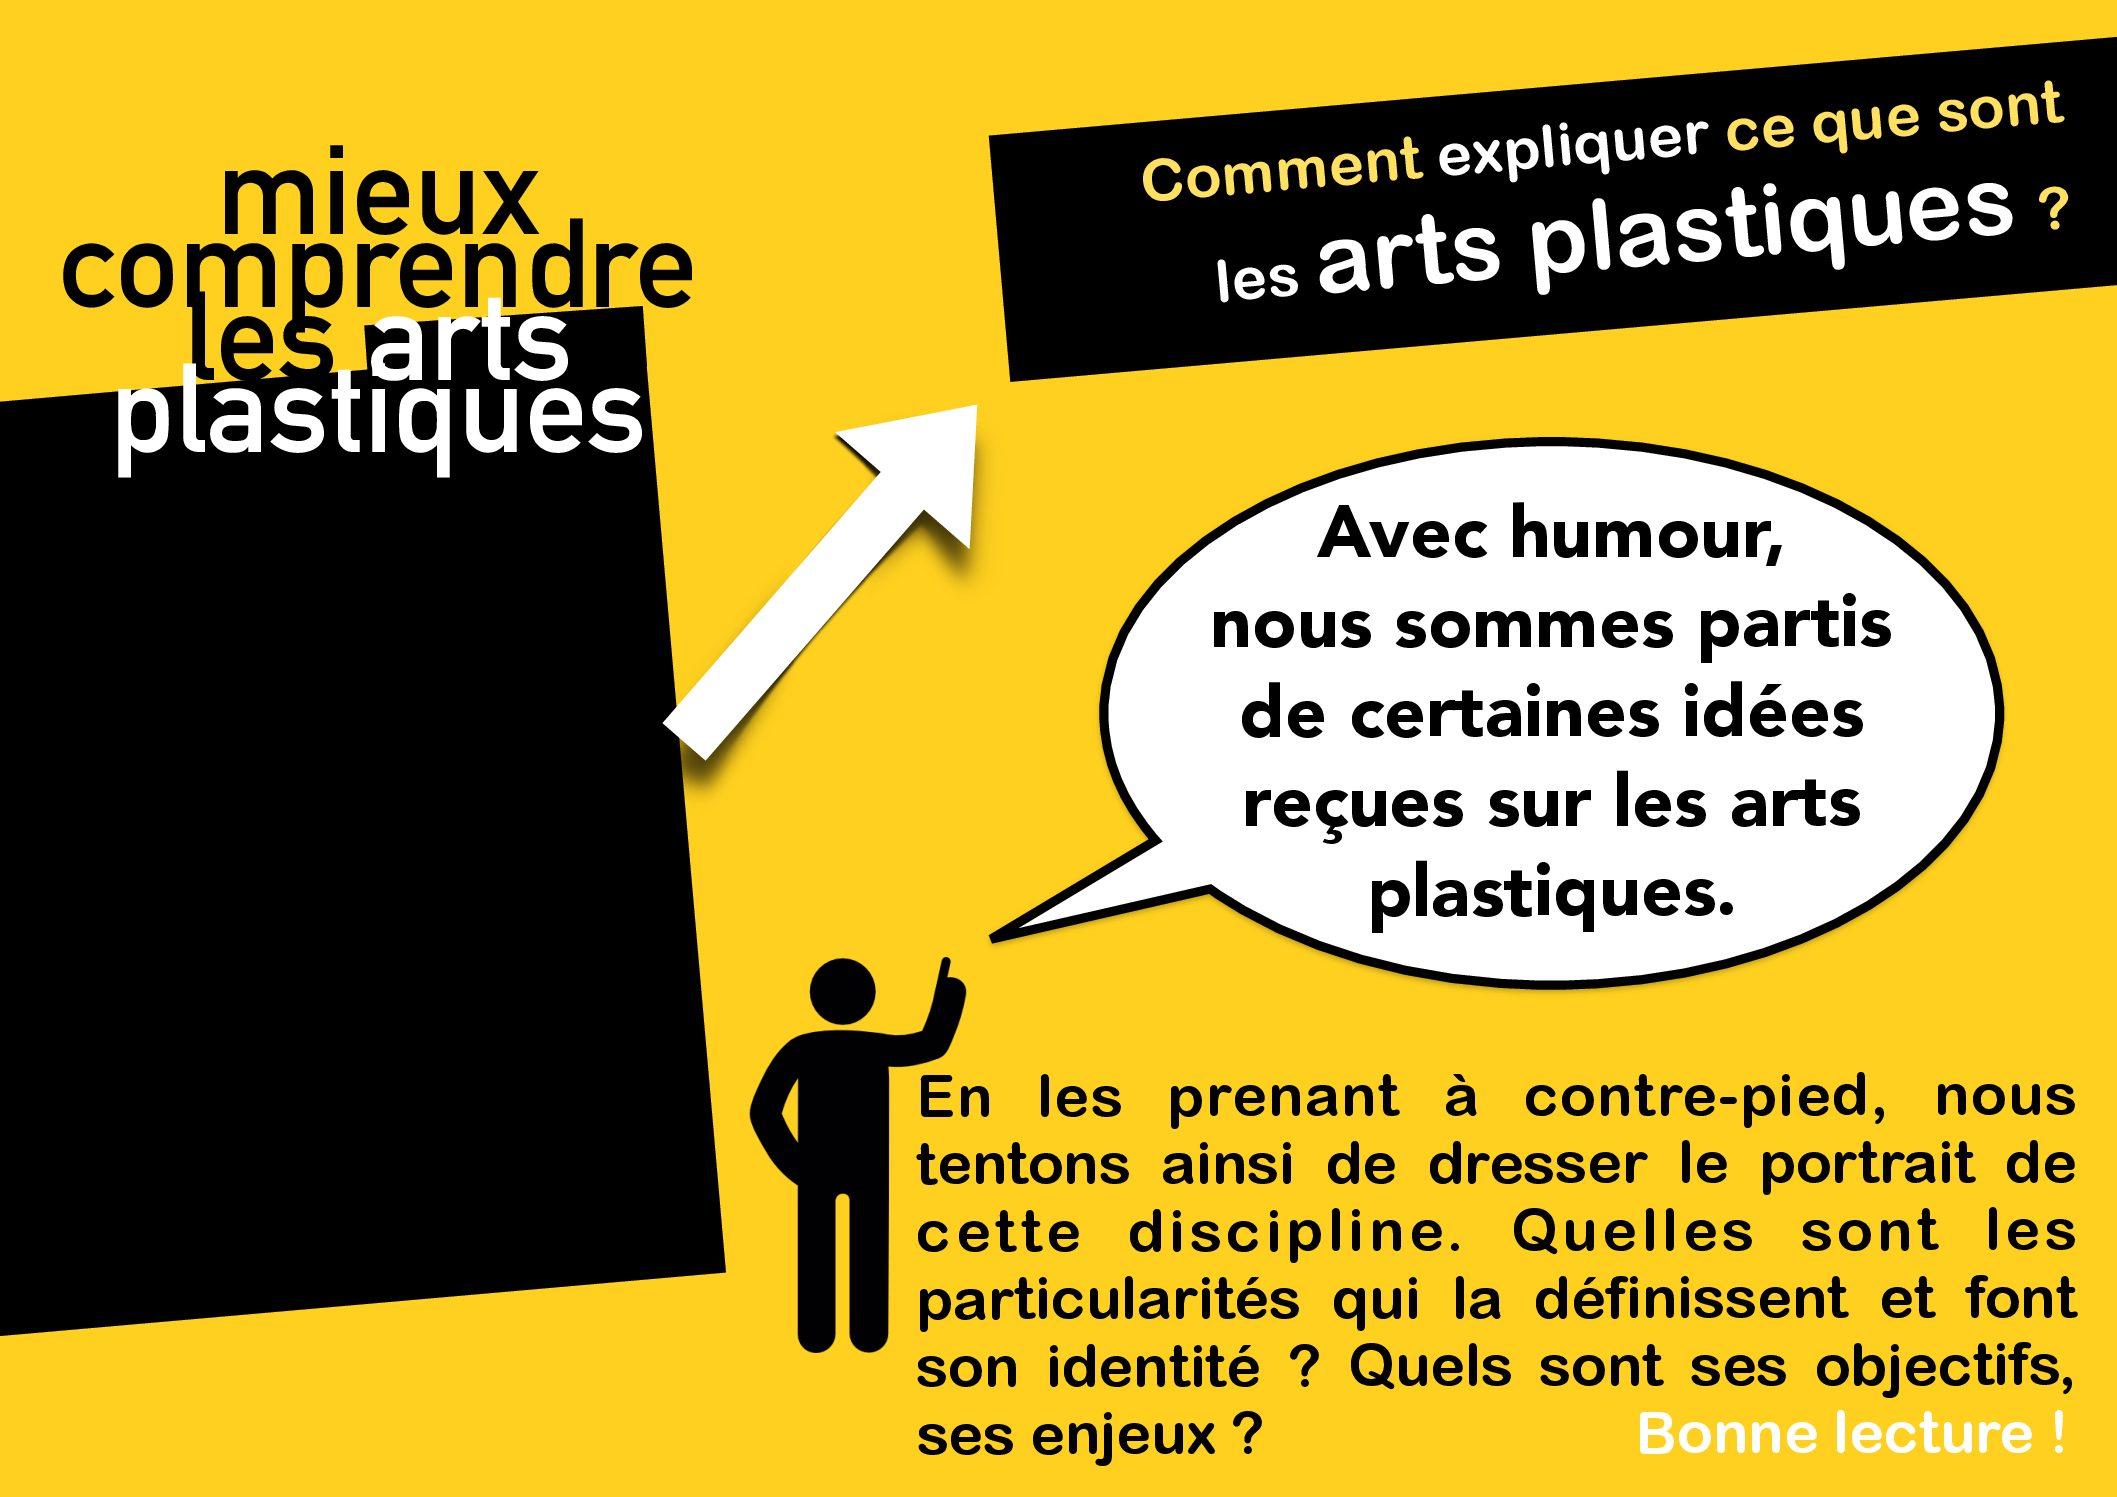 Mieux comprendre les arts-plastiques